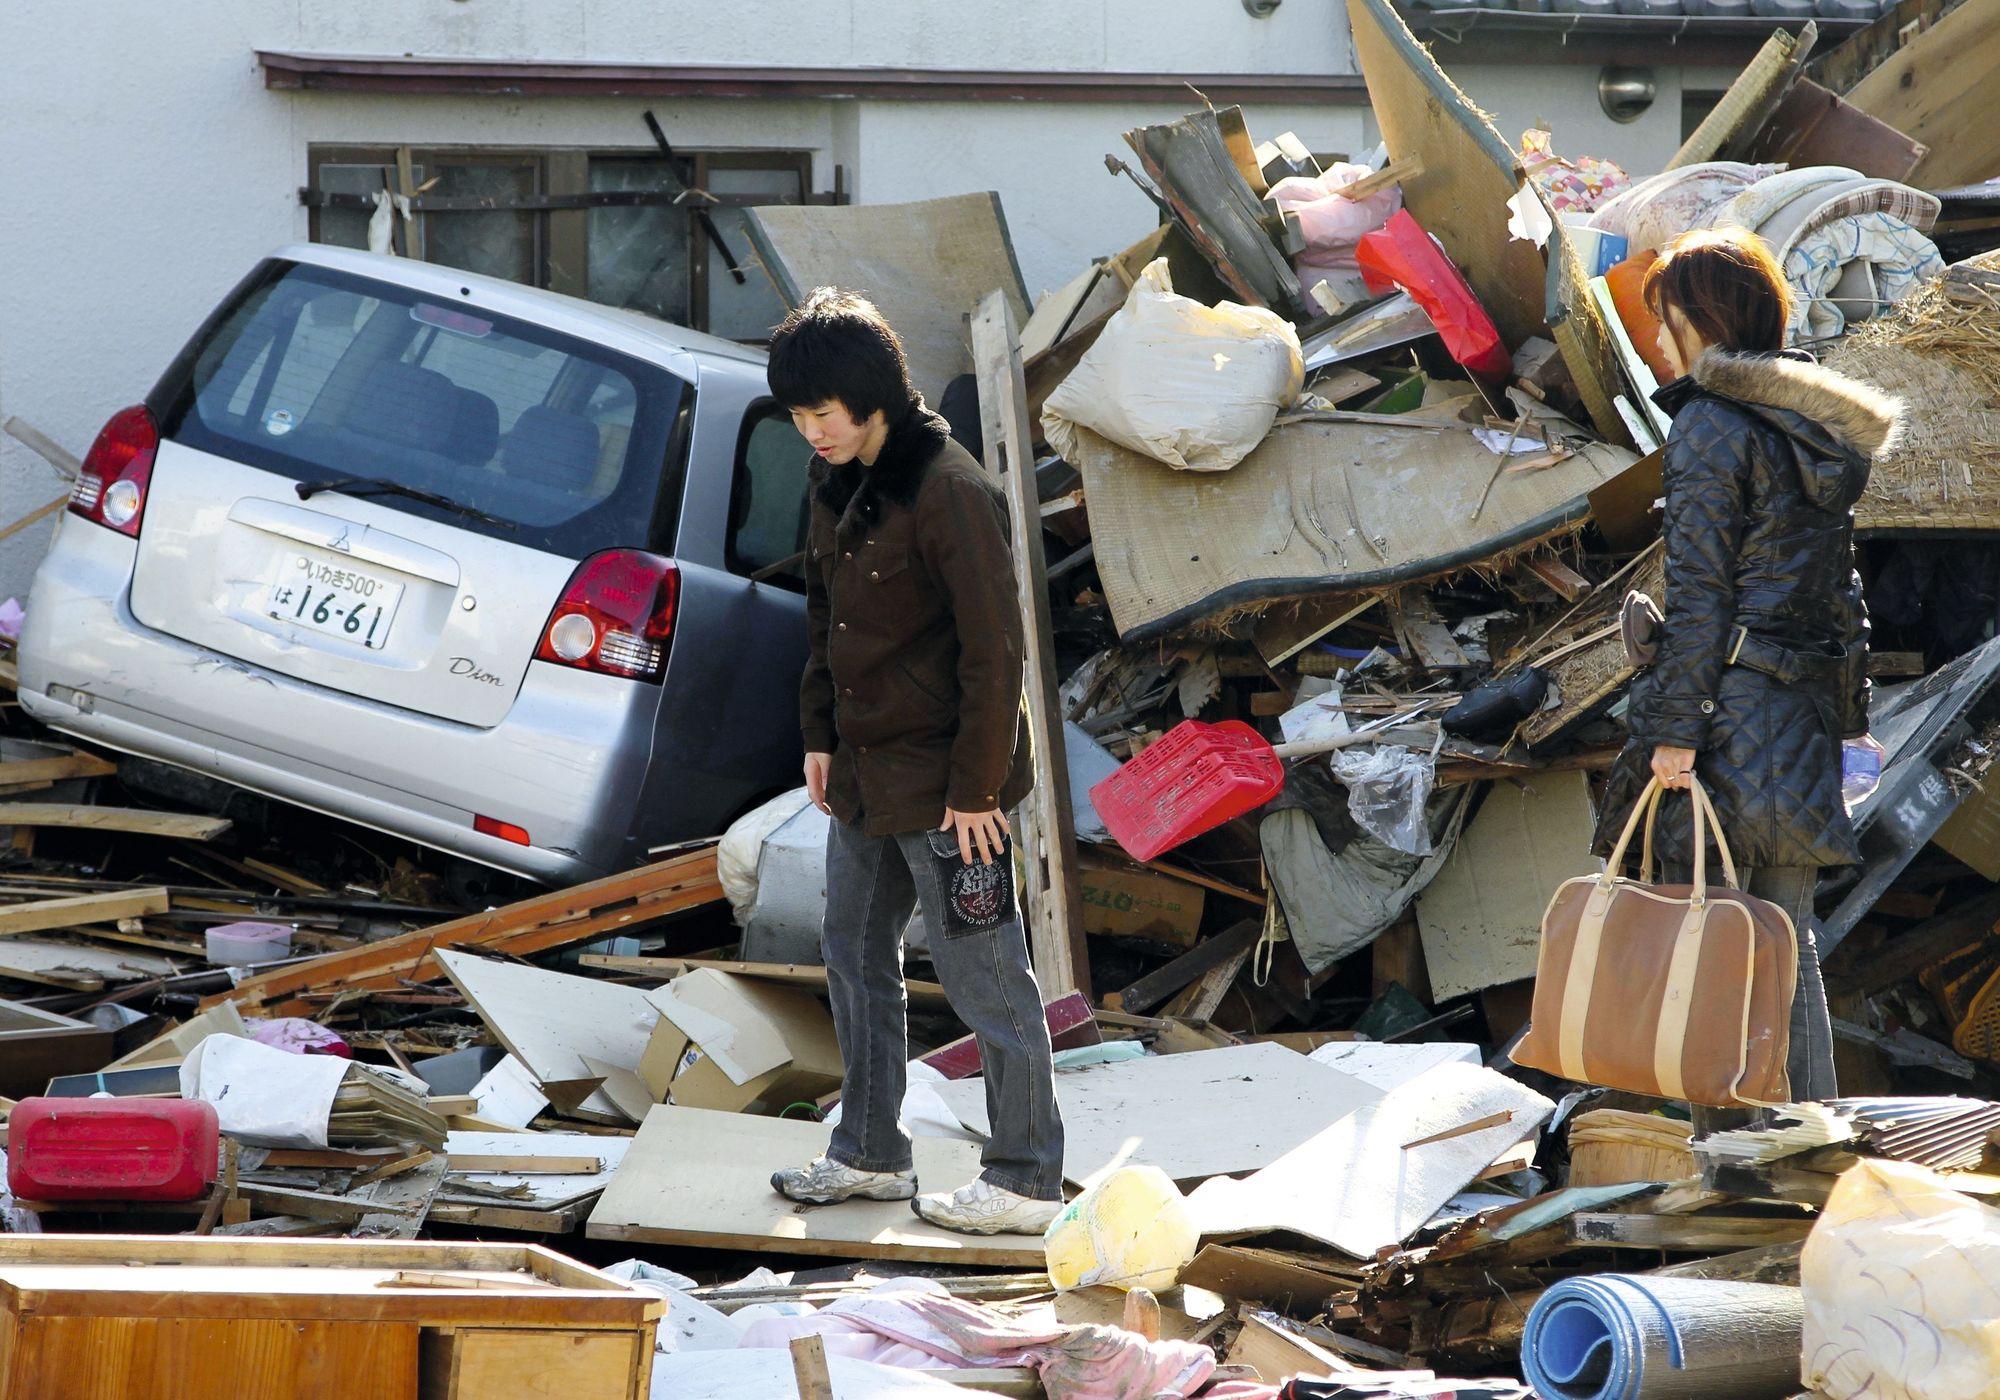 La ville de Fukushima et ses environs ont été dévastés par un tsunami dont les dégâts ont été fortement accrus par la catastrophe nucléaire causée par ce même tsunami